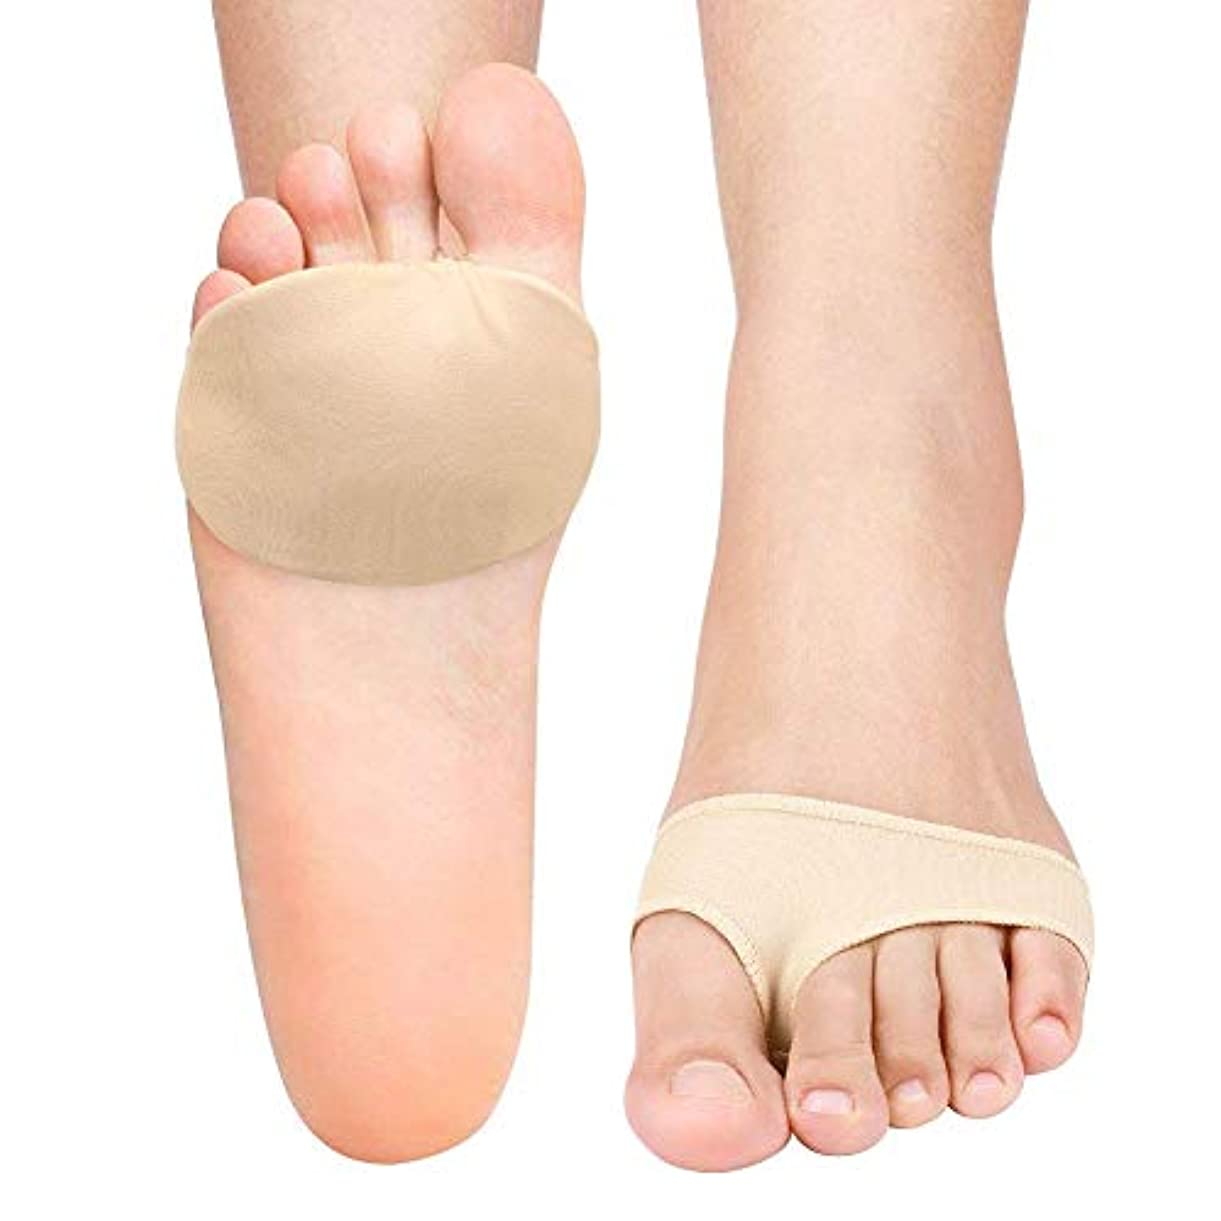 生き残り潜在的なパイロットYosoo 足裏保護パッド 足裏 保護 サポーター 前ズレ防止 つま先の痛み緩和 柔らかい つま先ジェルクッション シリコン フリーサイズ 2個入り